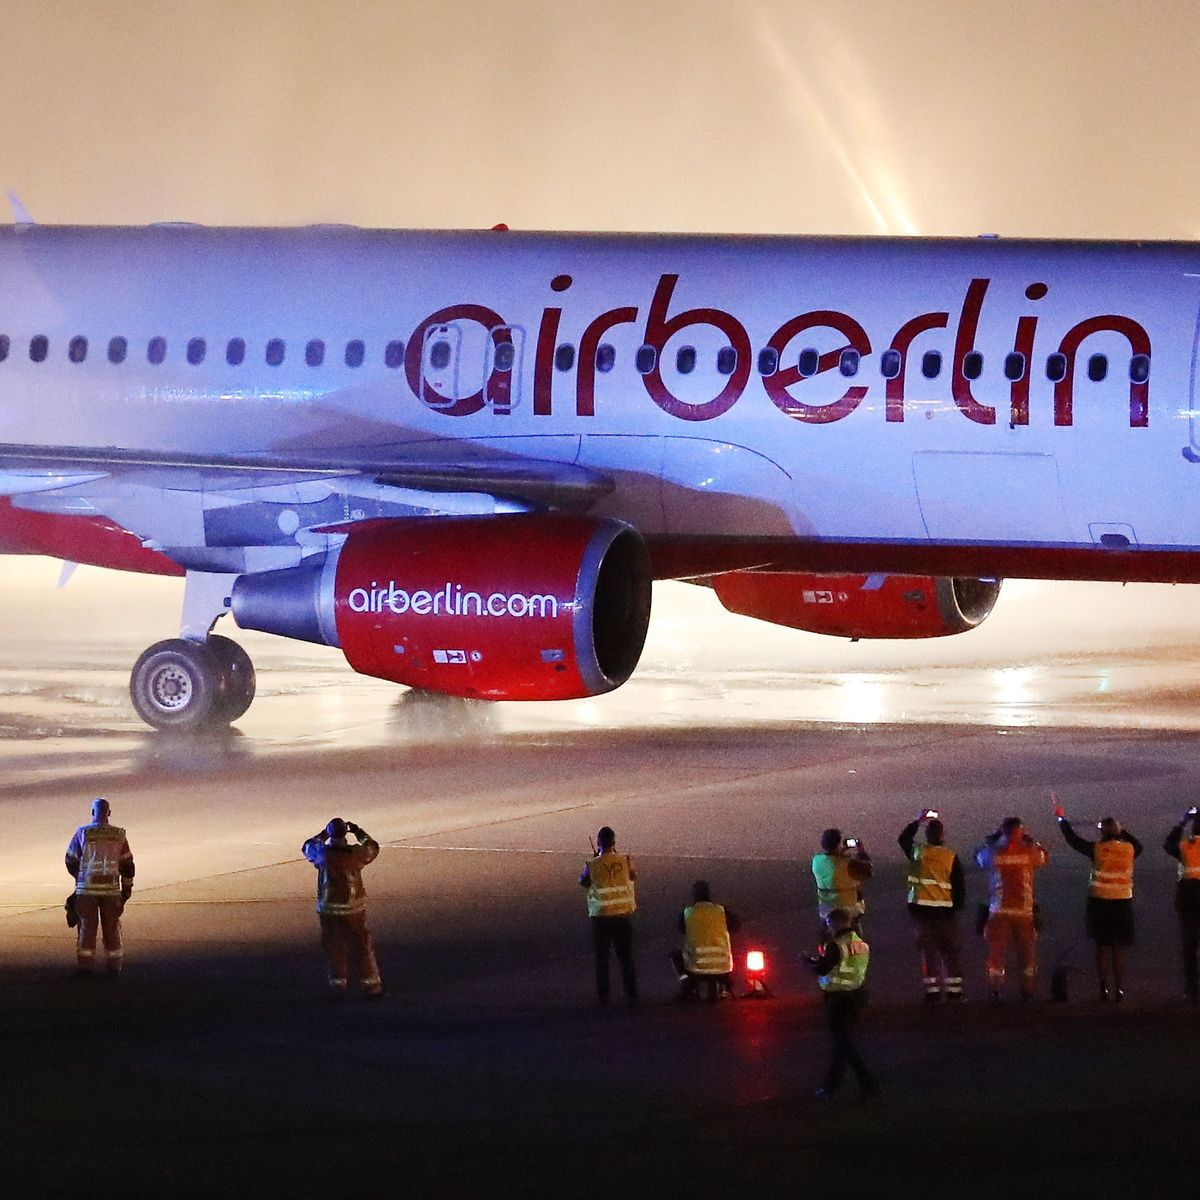 letzte chance für air berlin wie man kryptowährung iota handelt